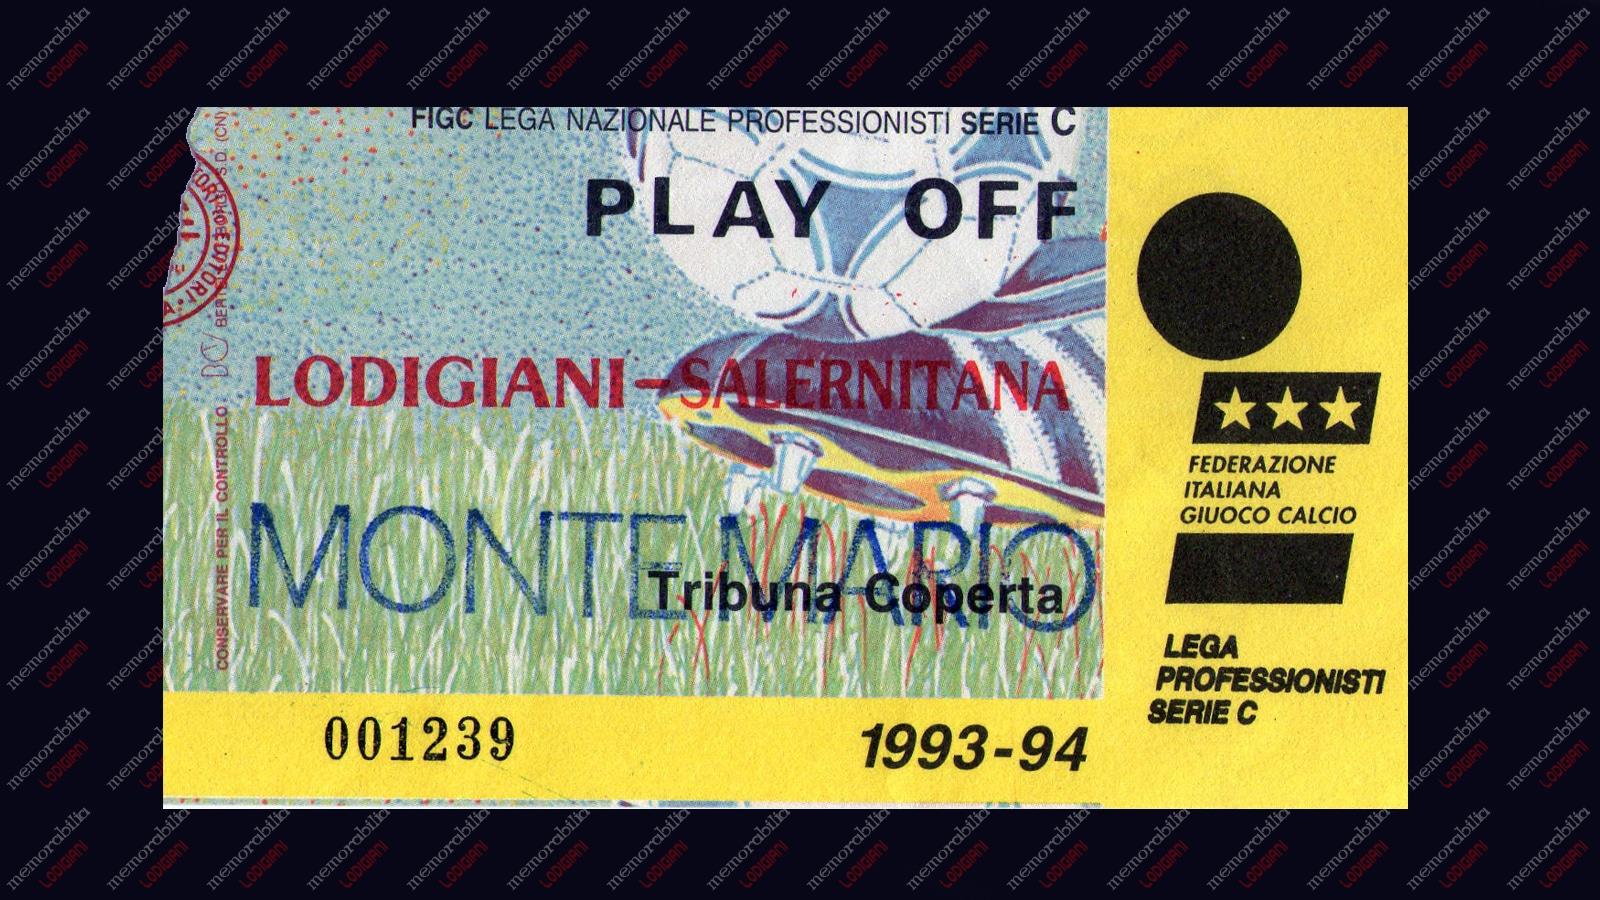 Il biglietto della finale tra Lodigiani e Salernitana nella stagione 93-94